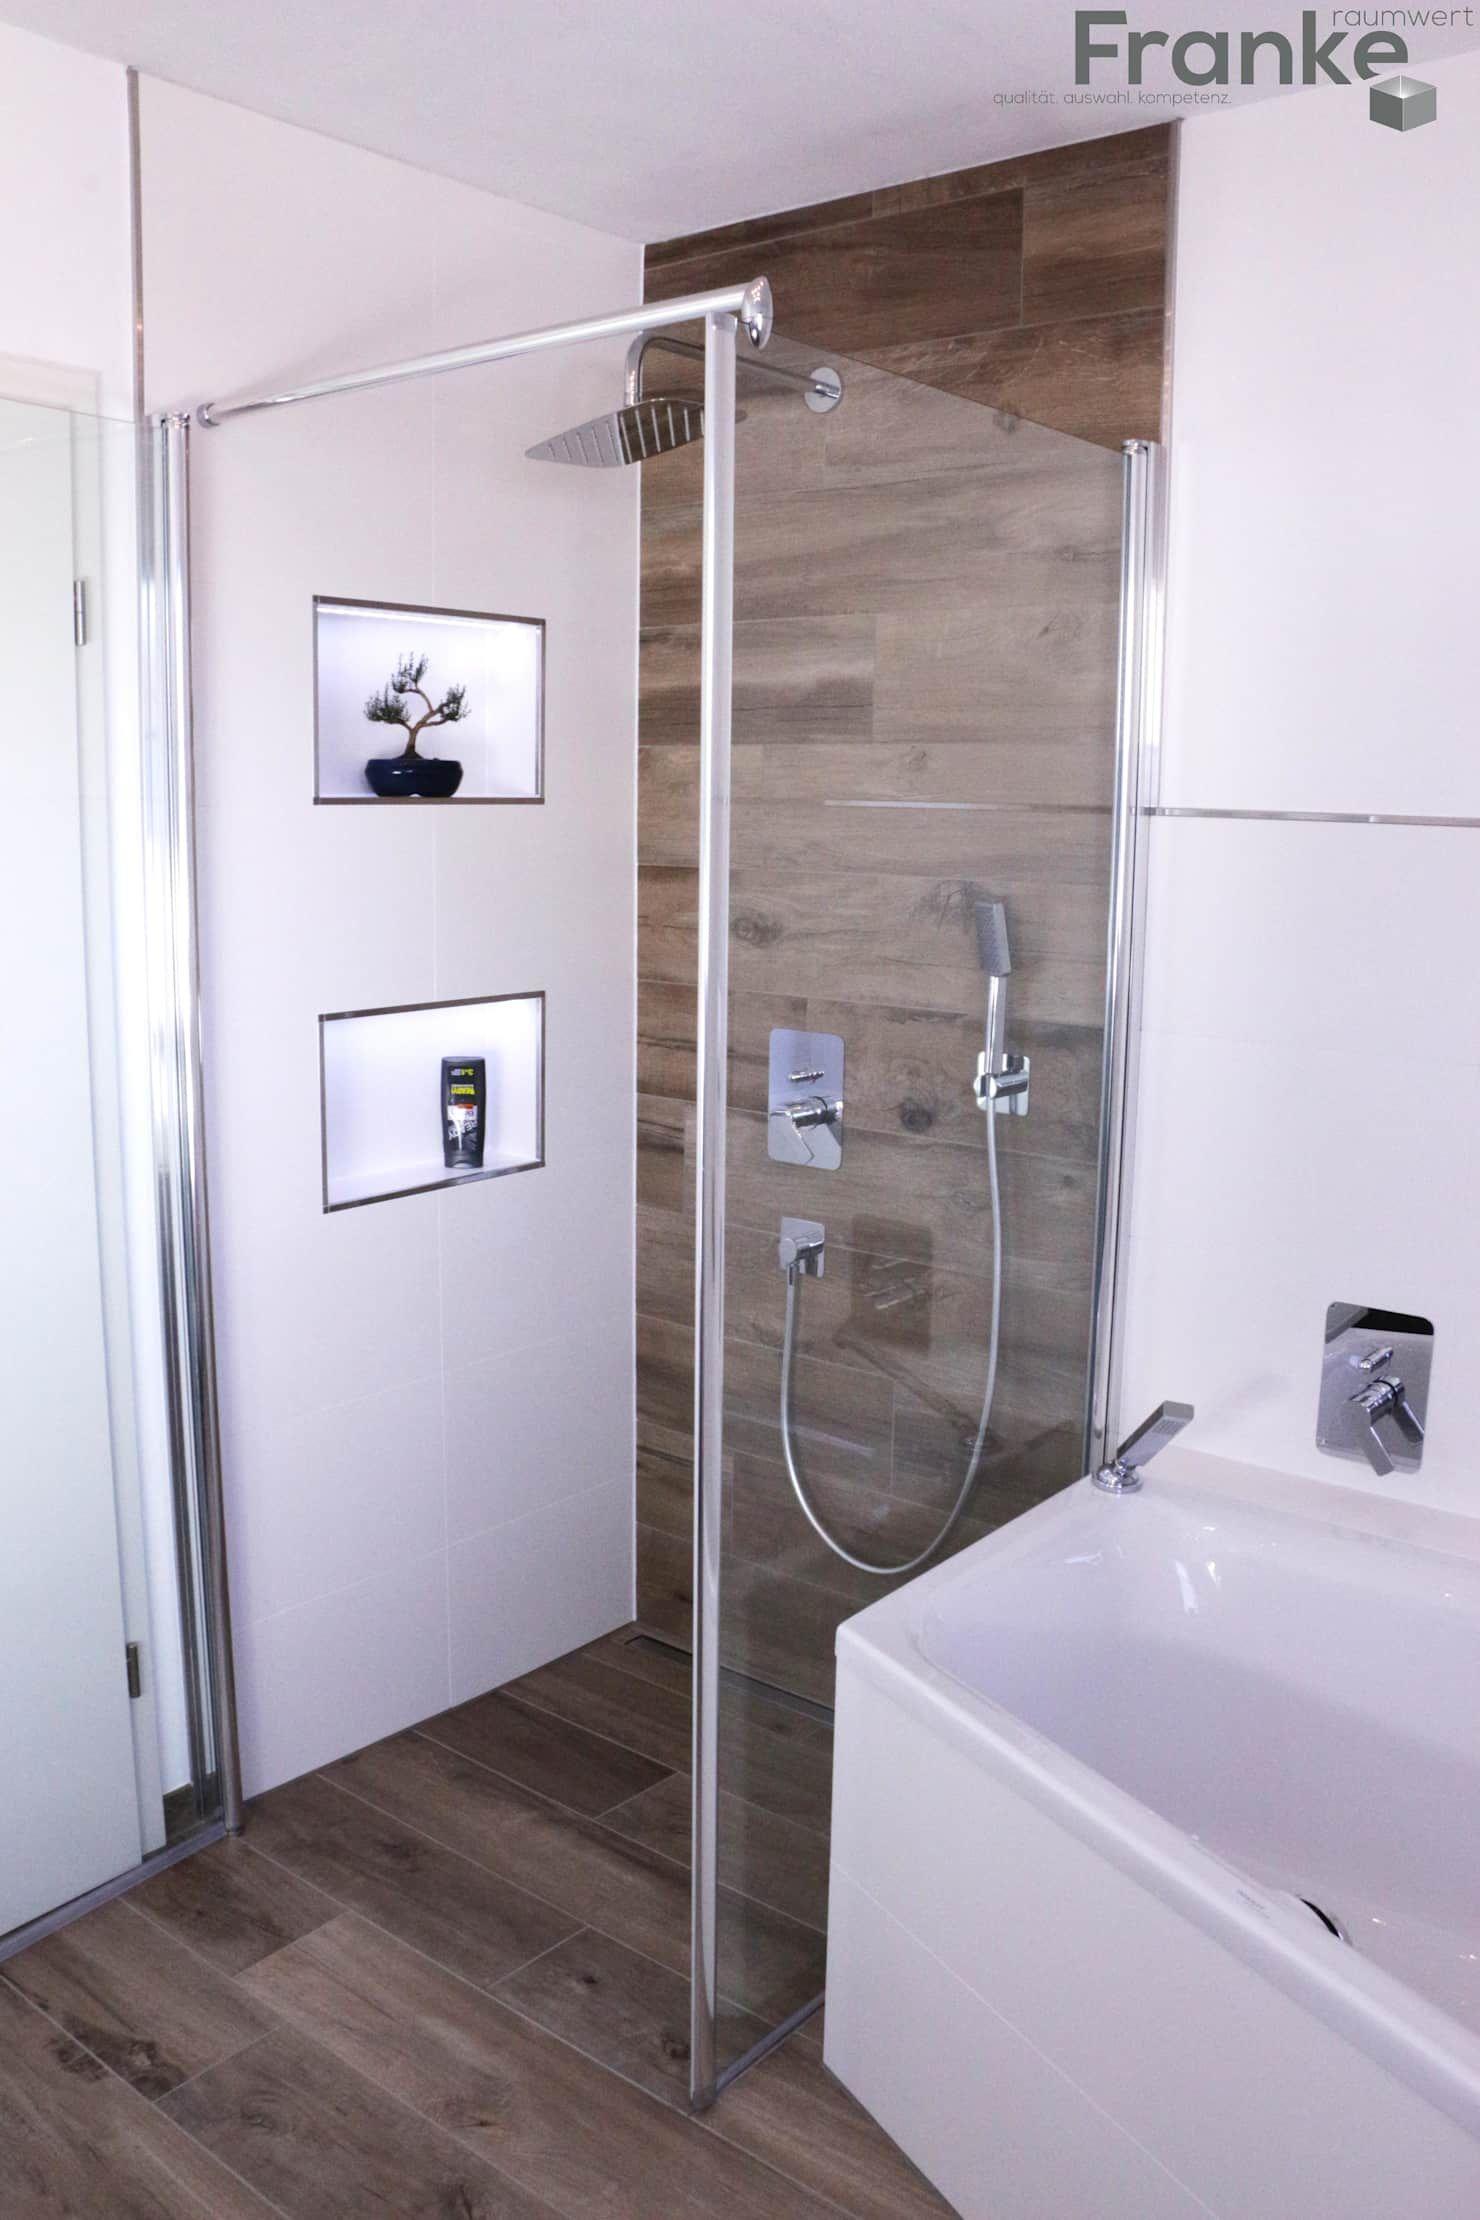 Photo of Badezimmer in einer modernen holzoptik moderne badezimmer von elmar franke fliesenlegermeisterbetrieb e.k. modern fliesen | homify